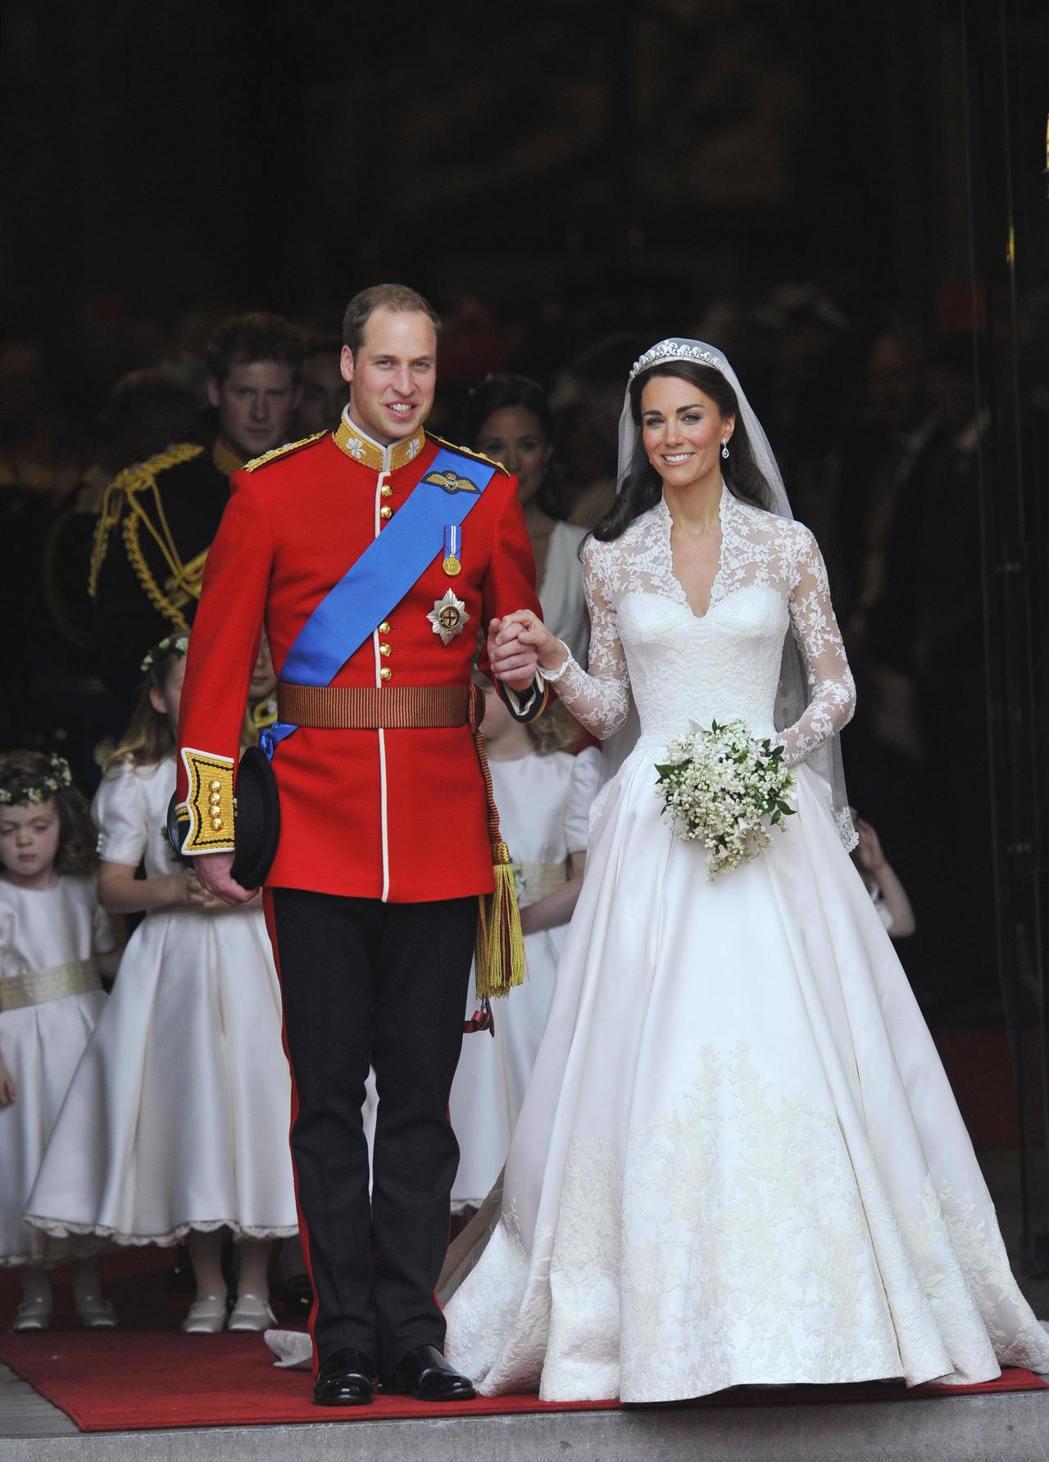 威廉王子與凱特的婚禮也曾是億萬民眾的討論焦點。圖/路透資料照片